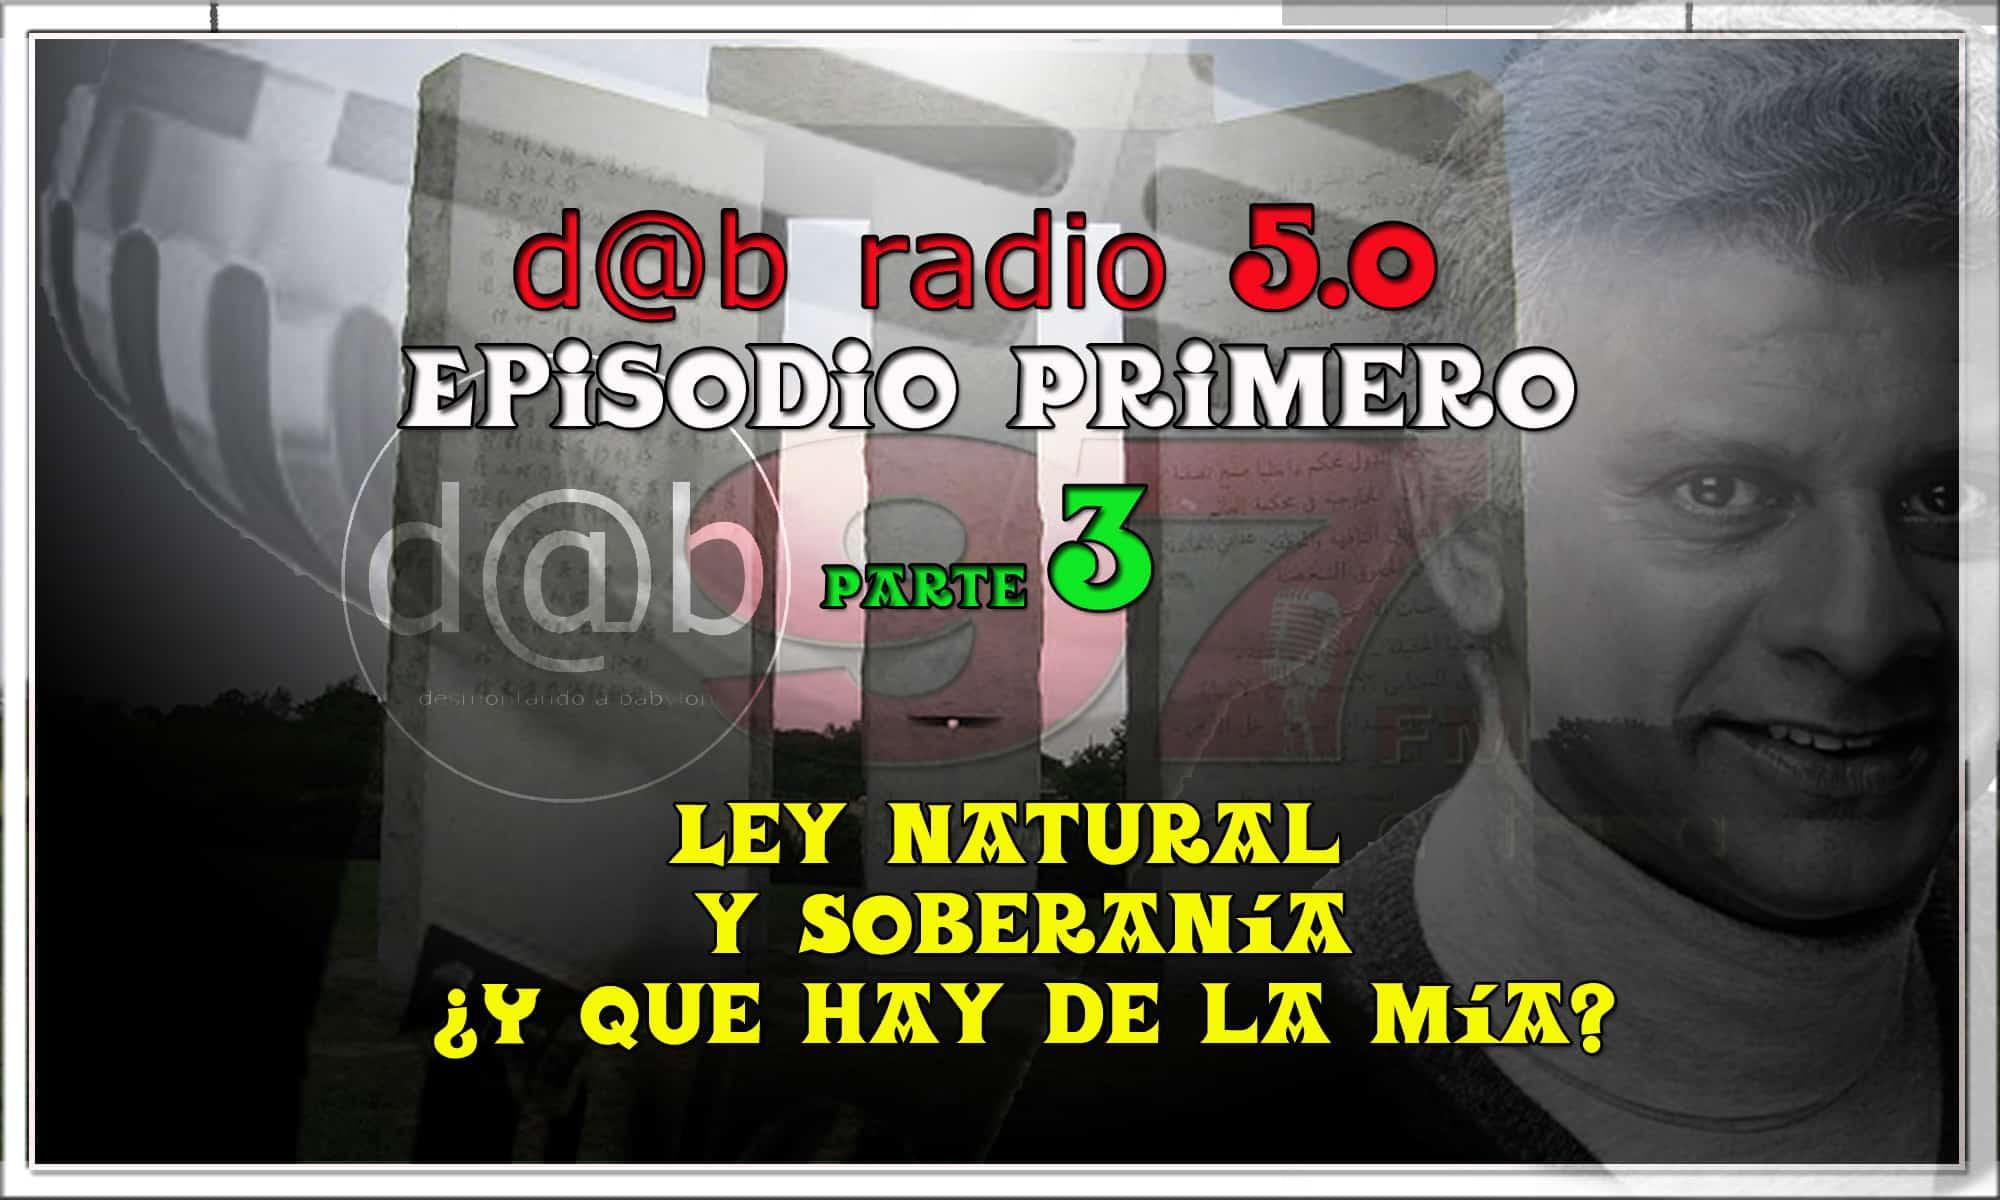 Desmontando a Babylon: DaB Radio Temporada 5.0 Episodio 1 (Partes 1 de 3) – LEY NATURAL Y SOBERANÍA ¿Y QUE HAY DE LA MÍA?